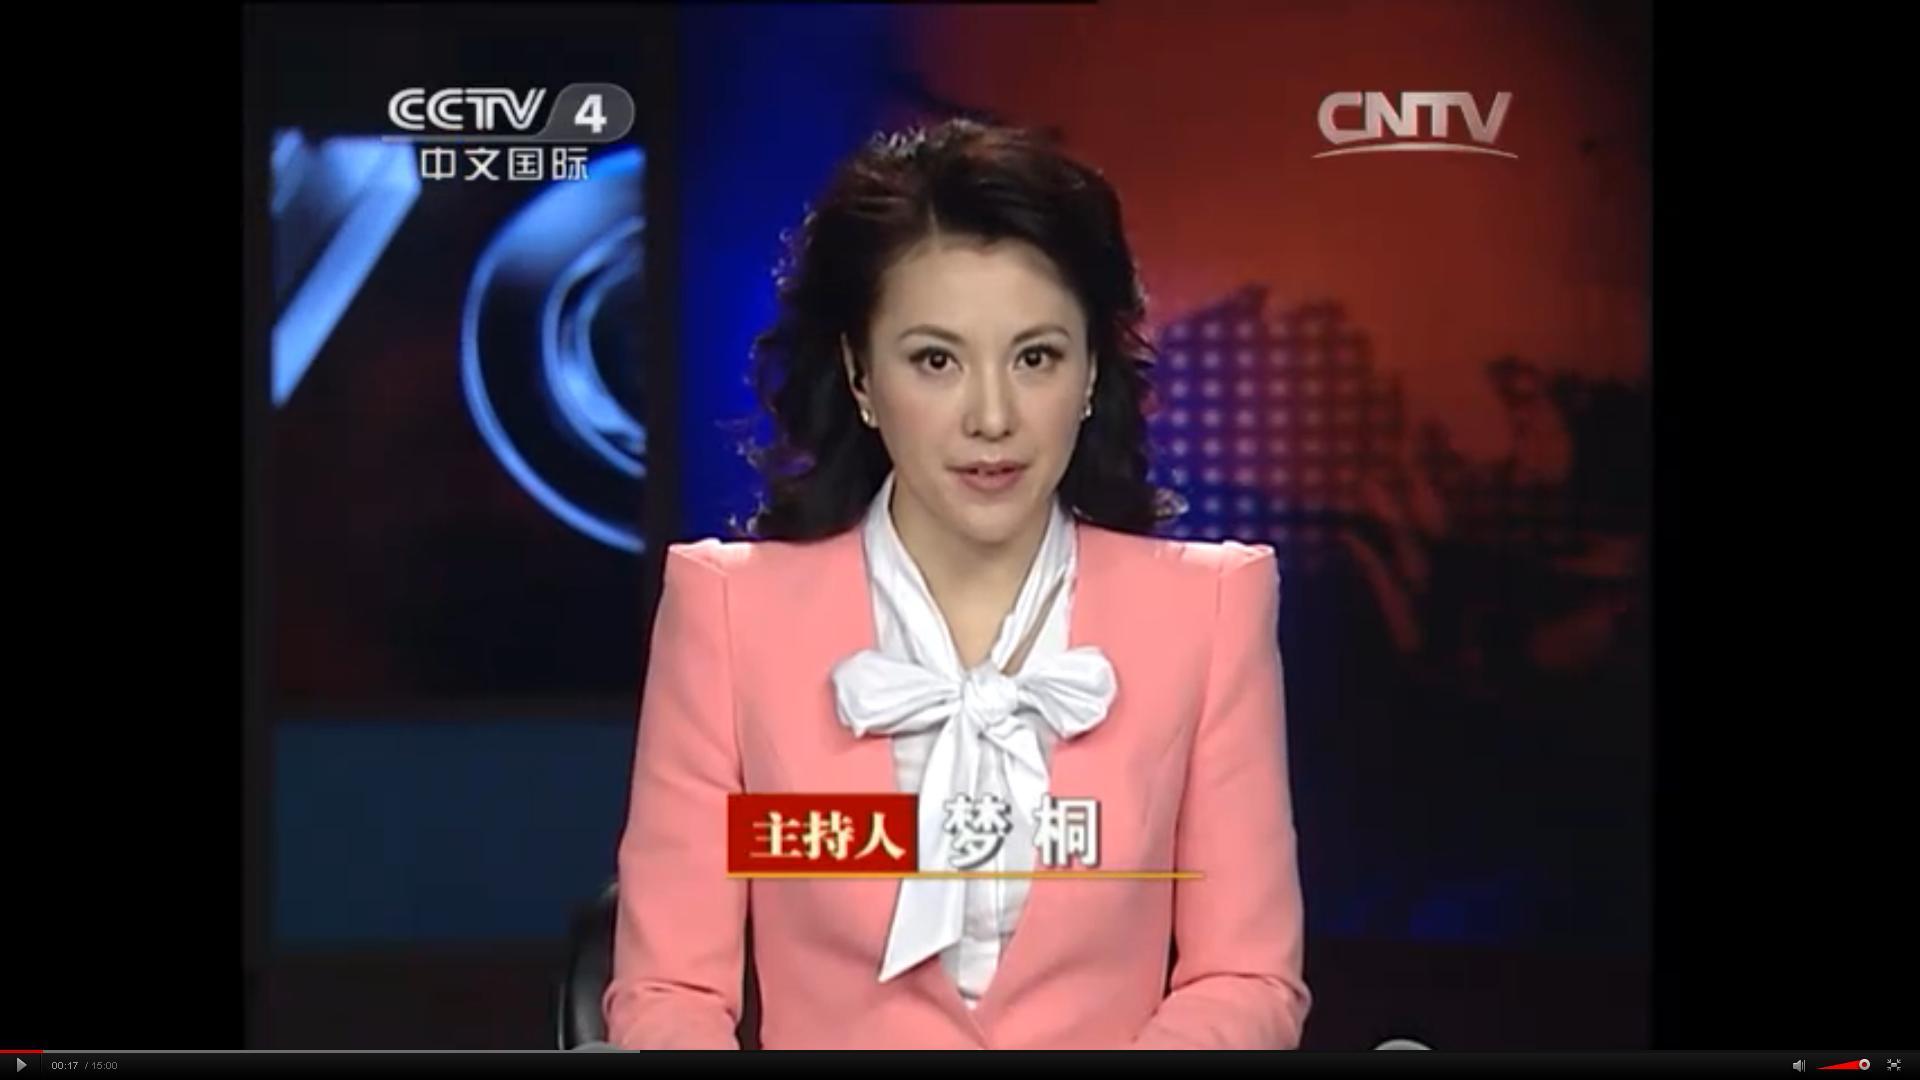 中文国际主持_中文国际新闻女主持是谁?名字